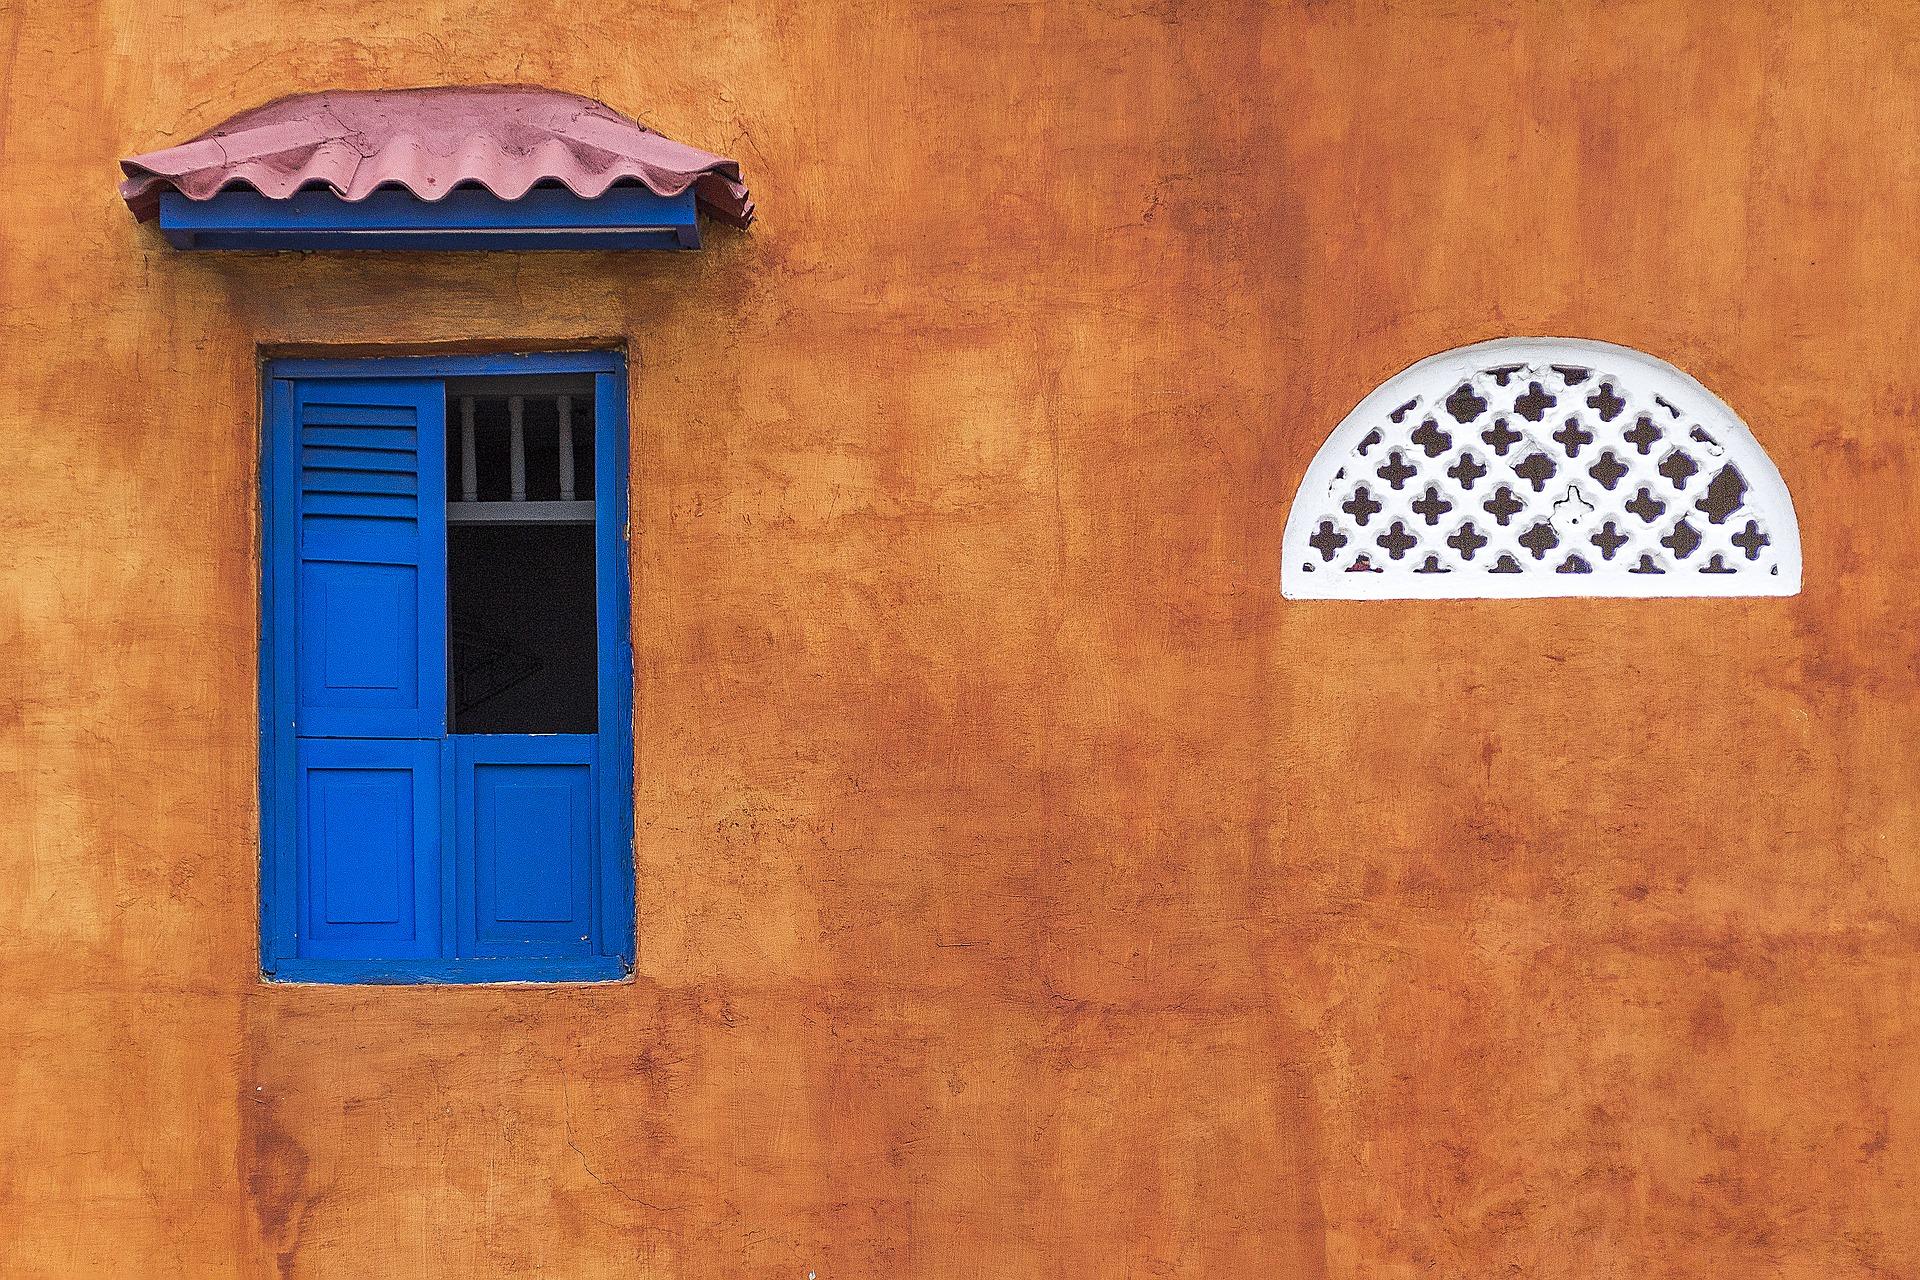 window-1565848_1920.jpg